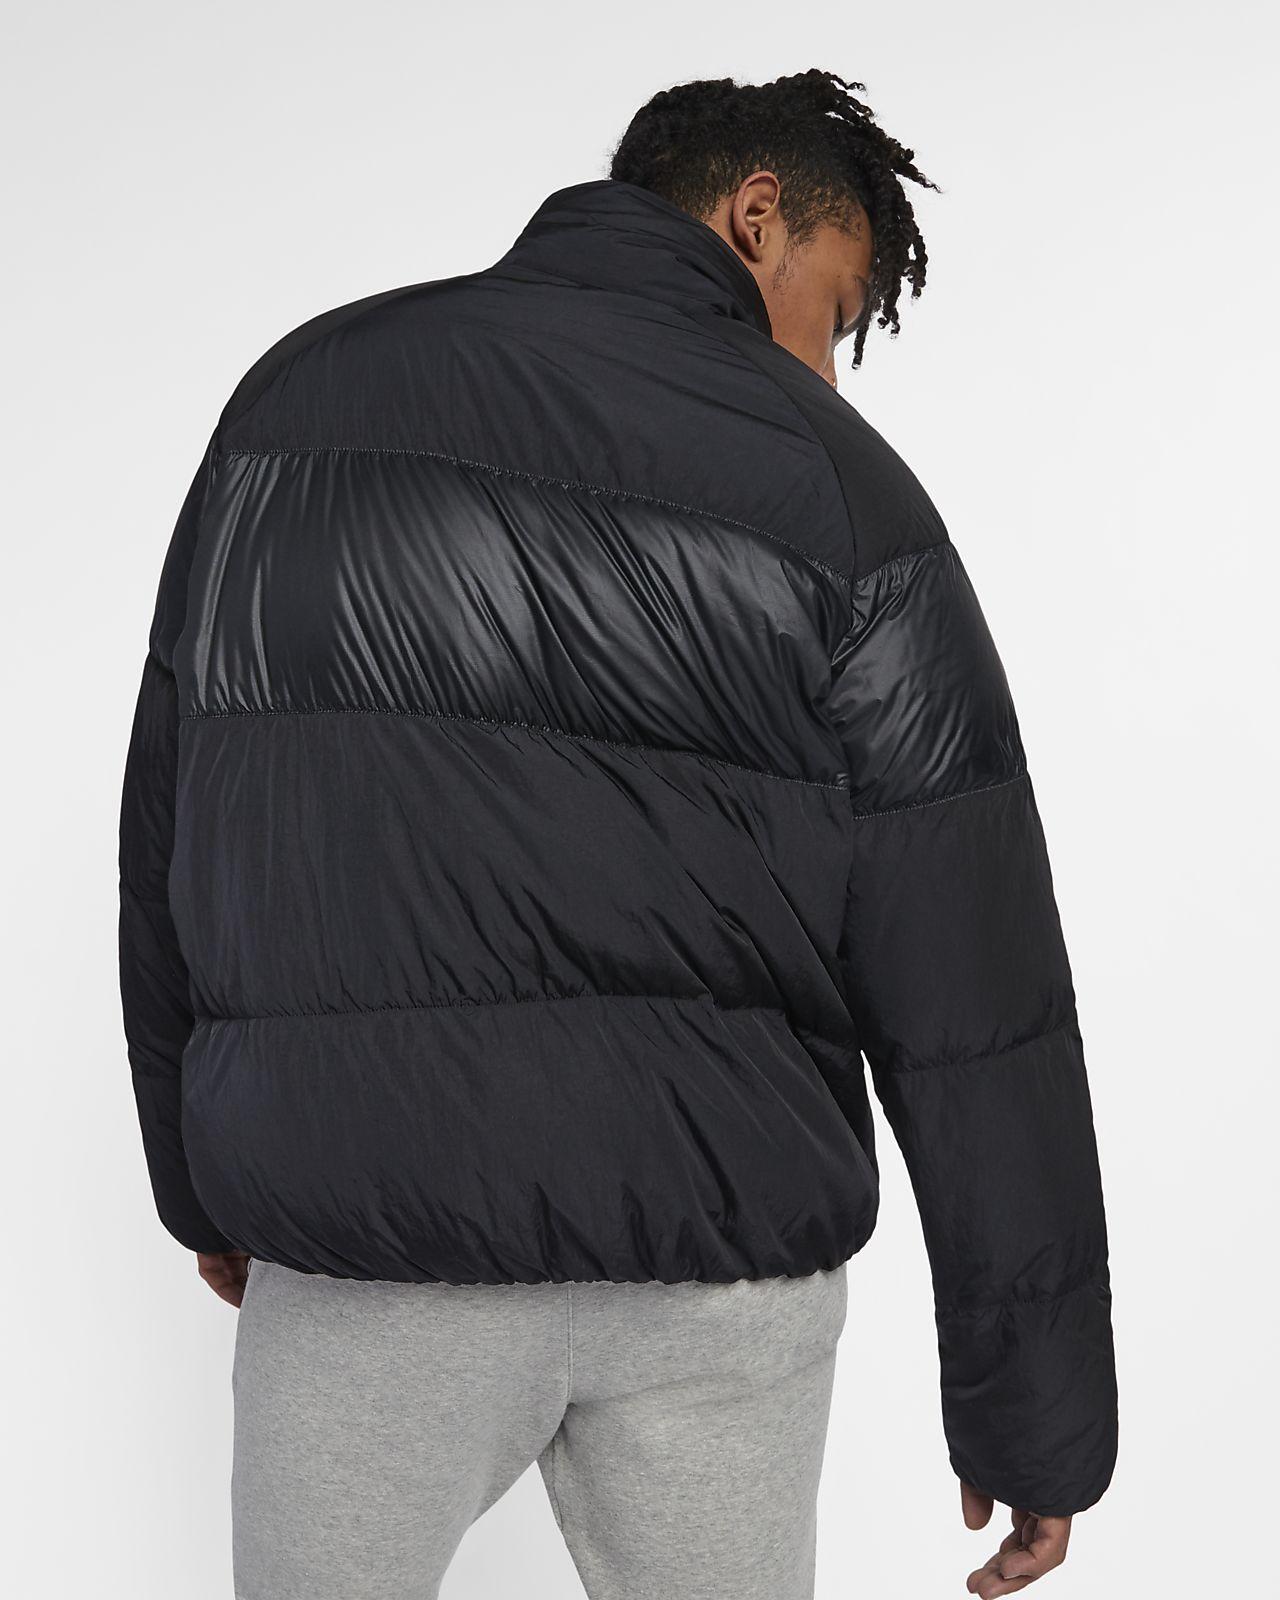 7f8bceda5ba7 Nike Sportswear Down-Fill Men s Jacket. Nike.com NO